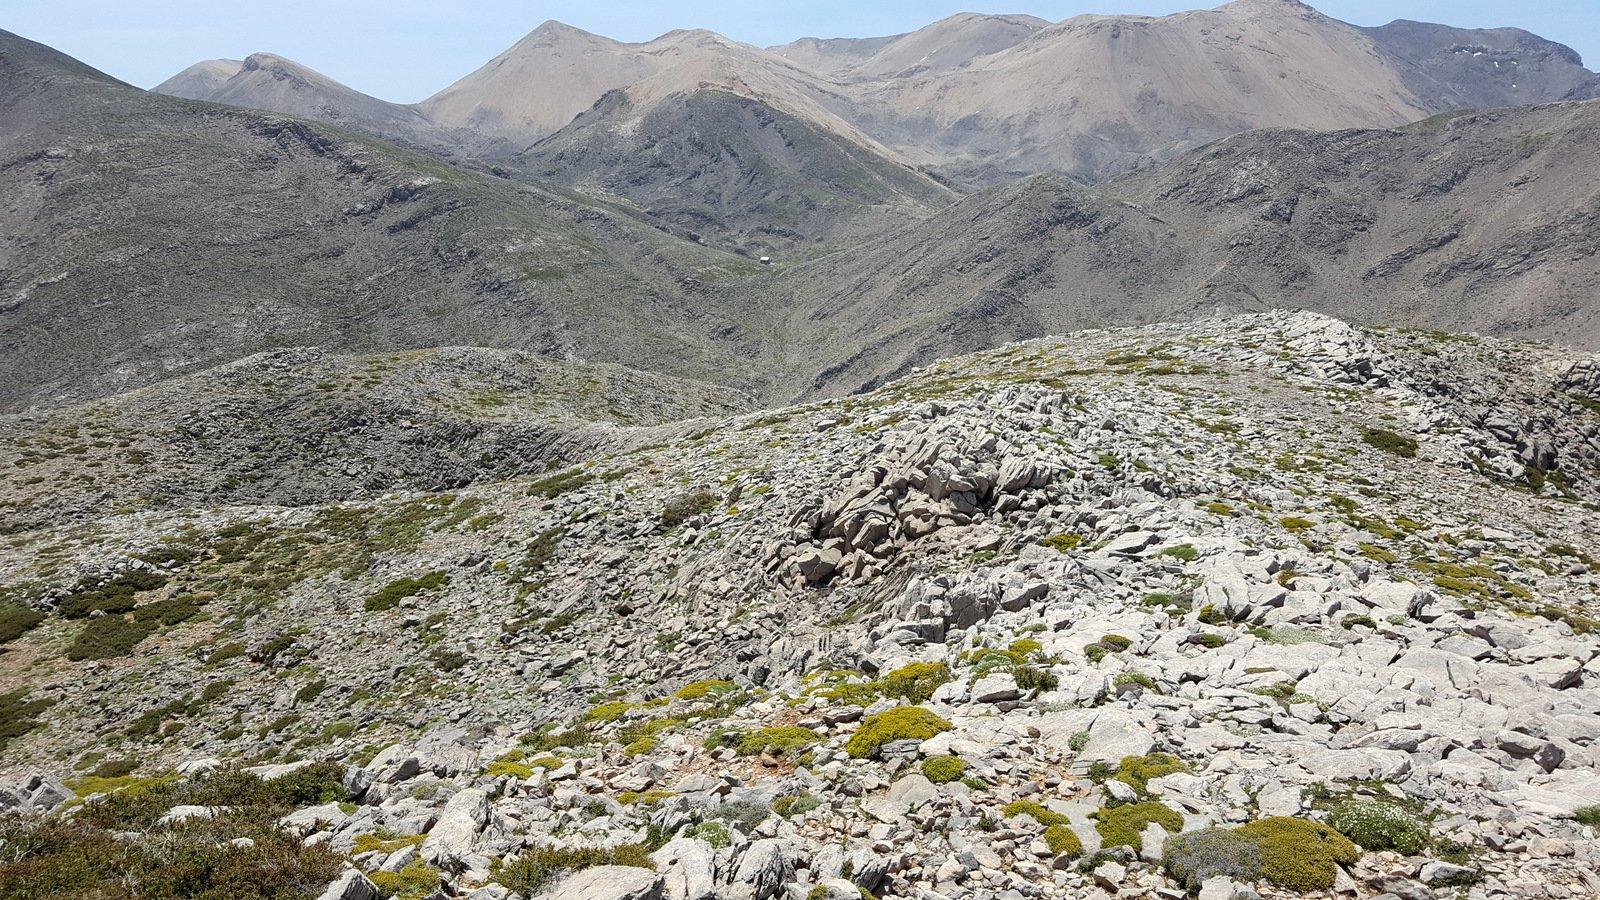 La discesa dall'Anthropolithos verso il rifugio Katsiveli visibile a centro foto.